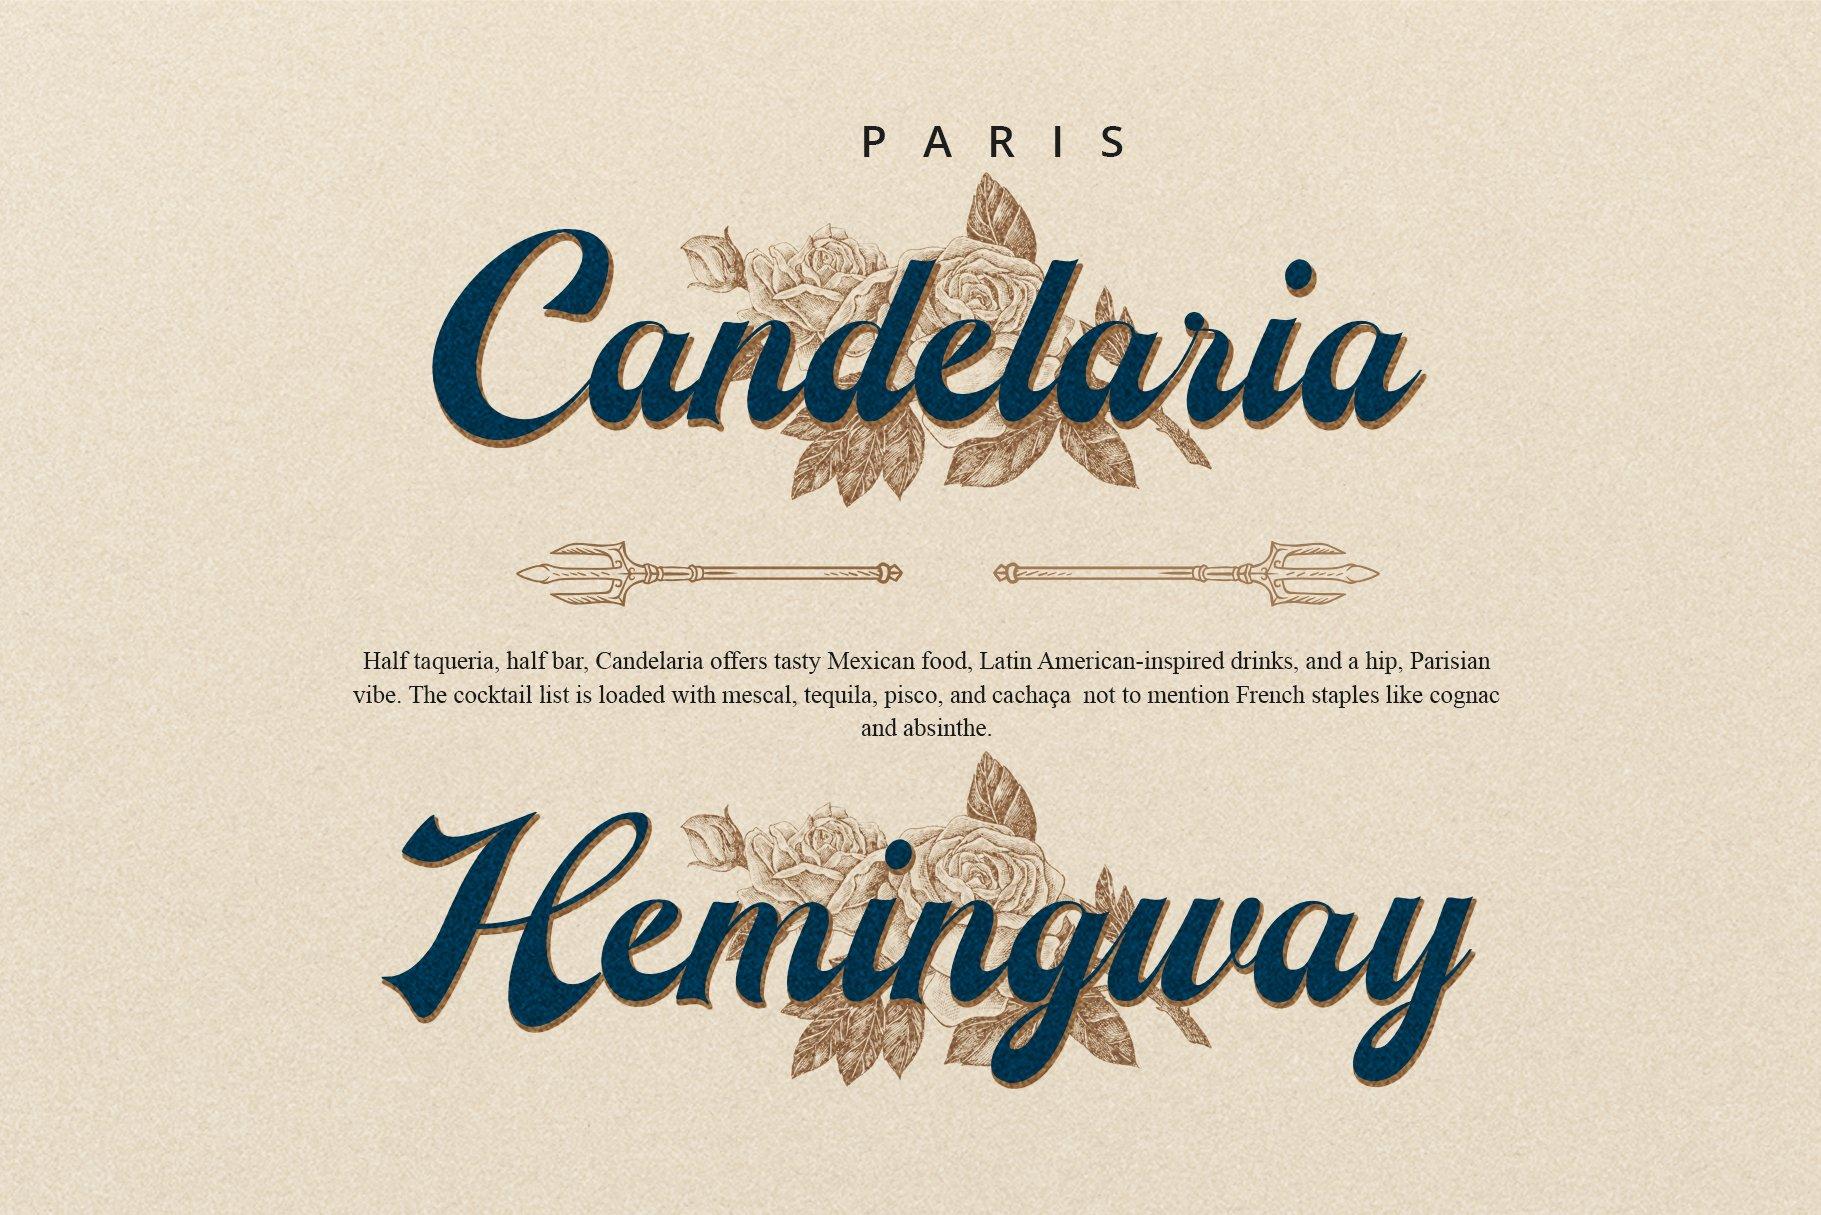 时尚复古海报标题徽标Logo手写英文字体设计素材 The Herera插图3